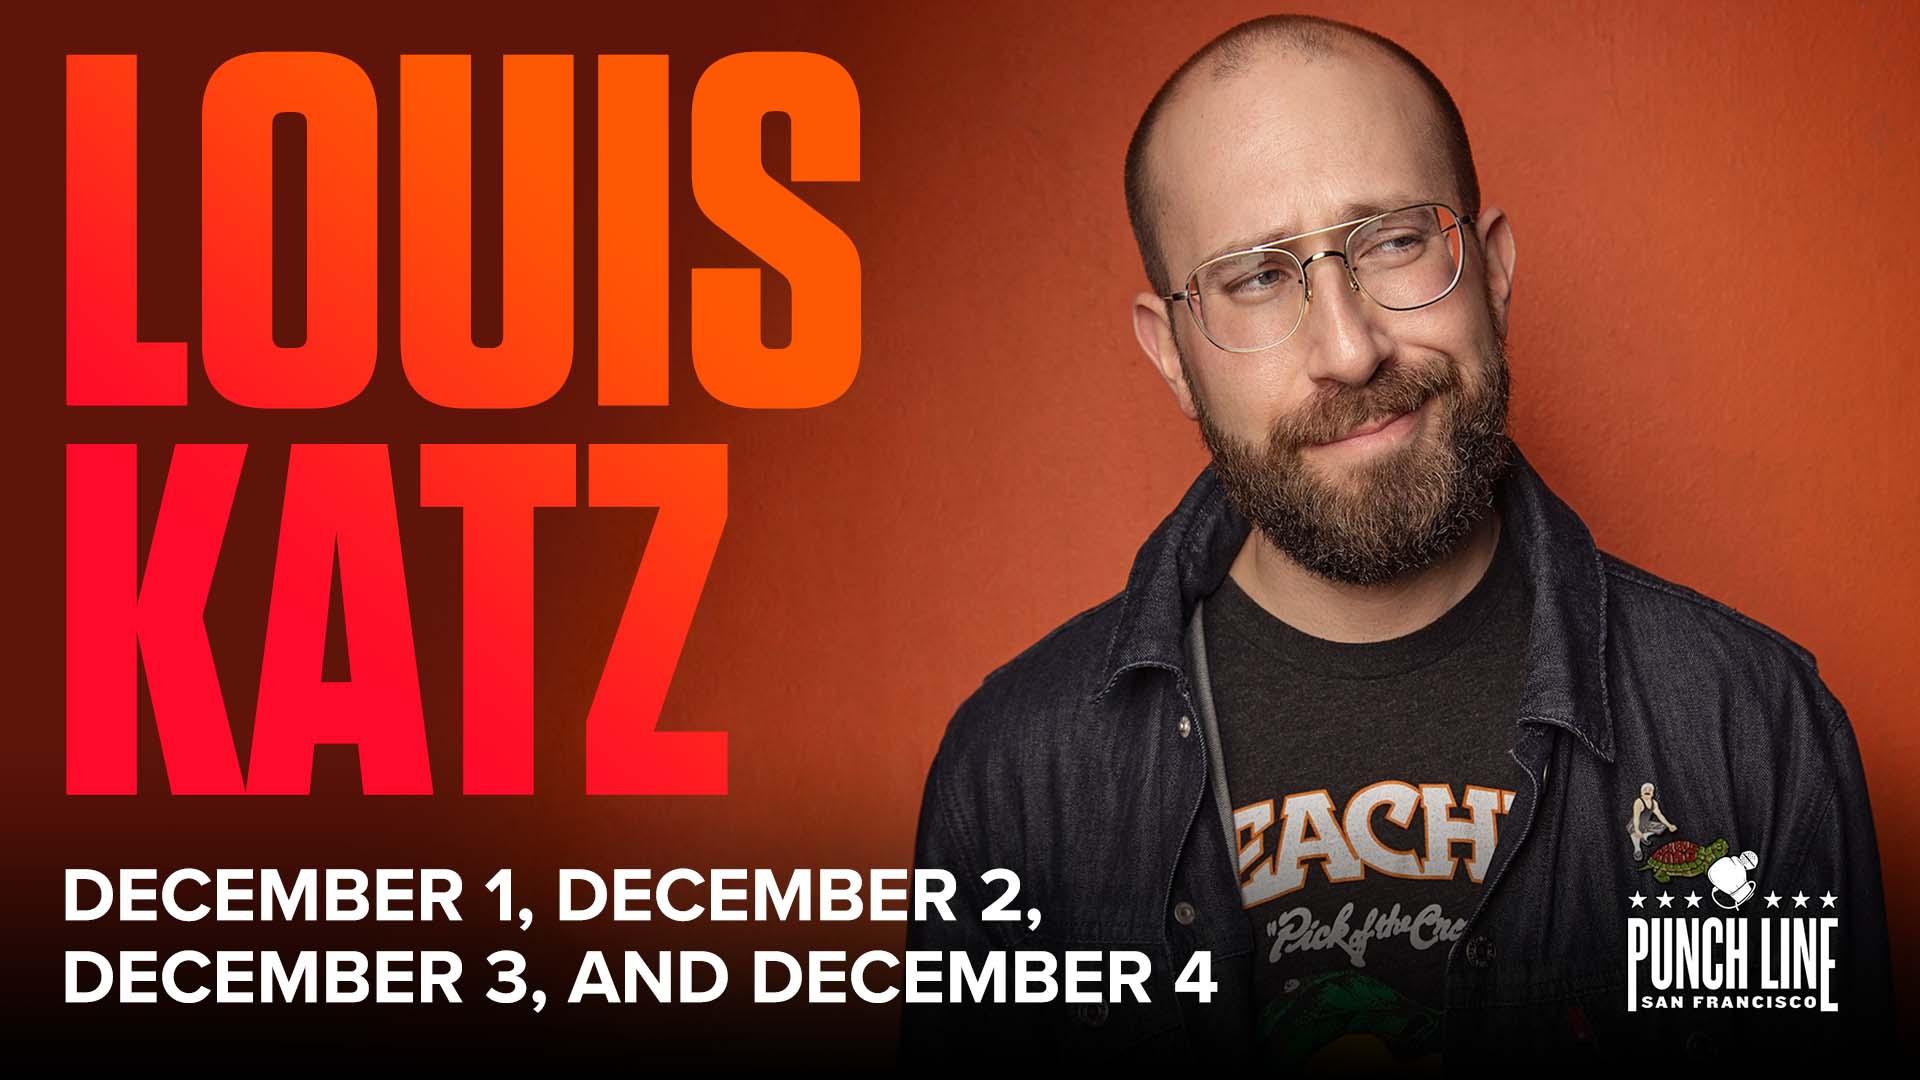 Louis Katz